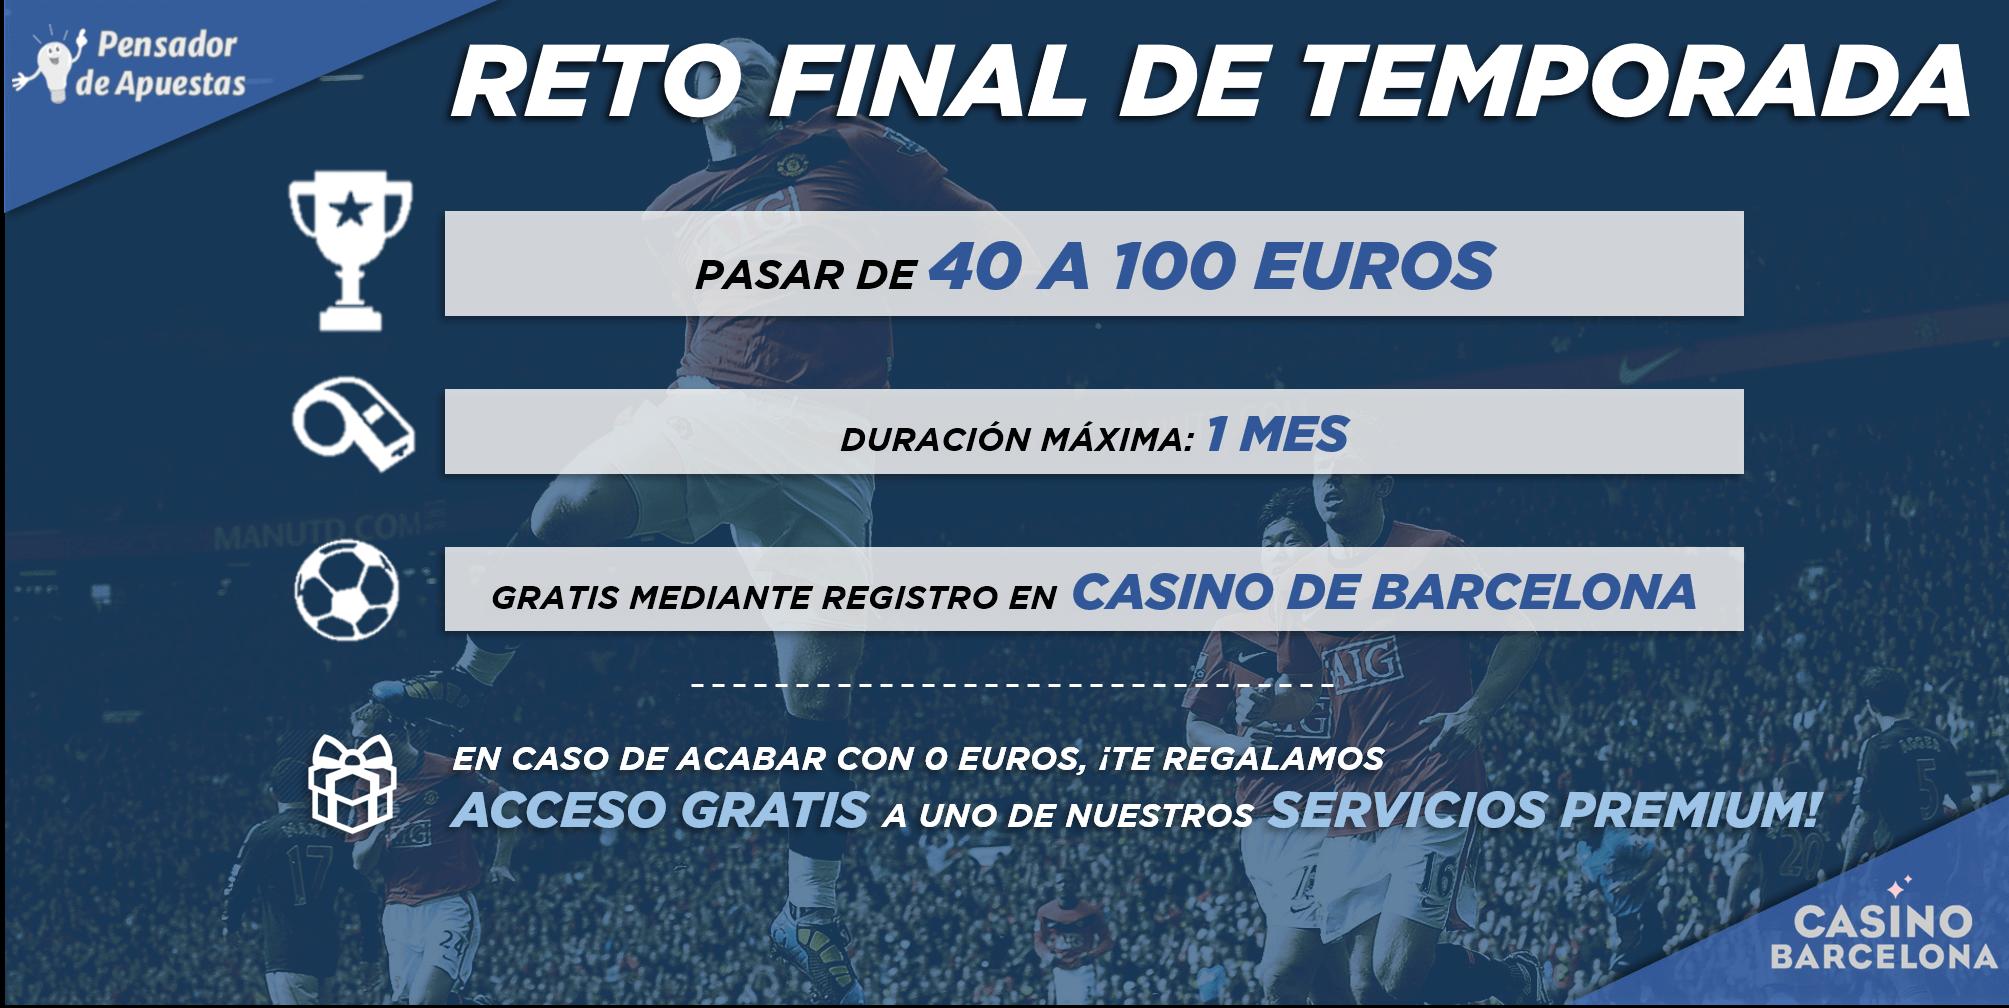 reto final temporada 40-100€ casino barcelona